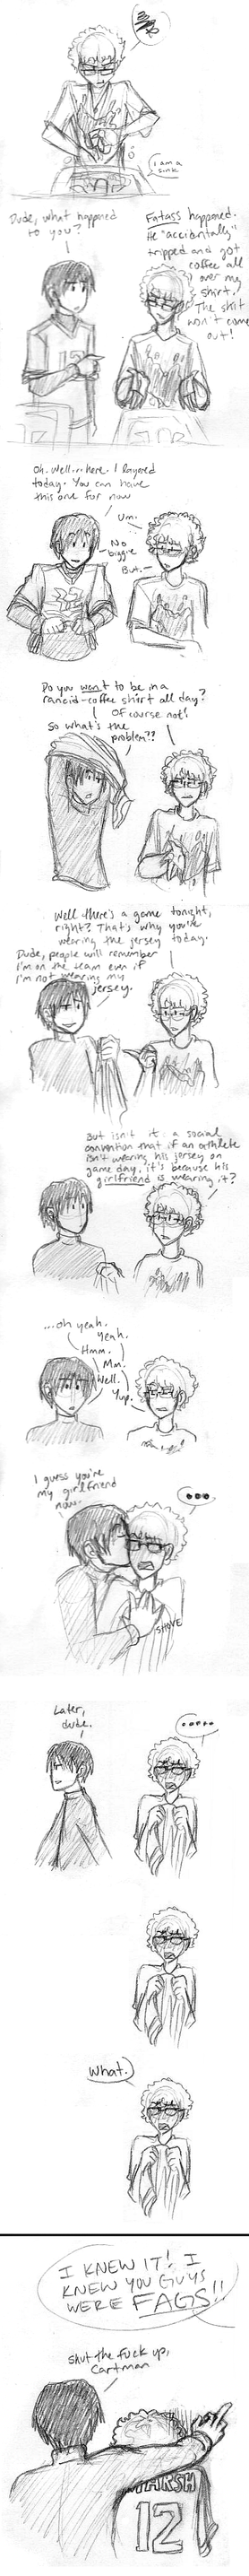 DDD3: this comic is kinda gay by Dakt37